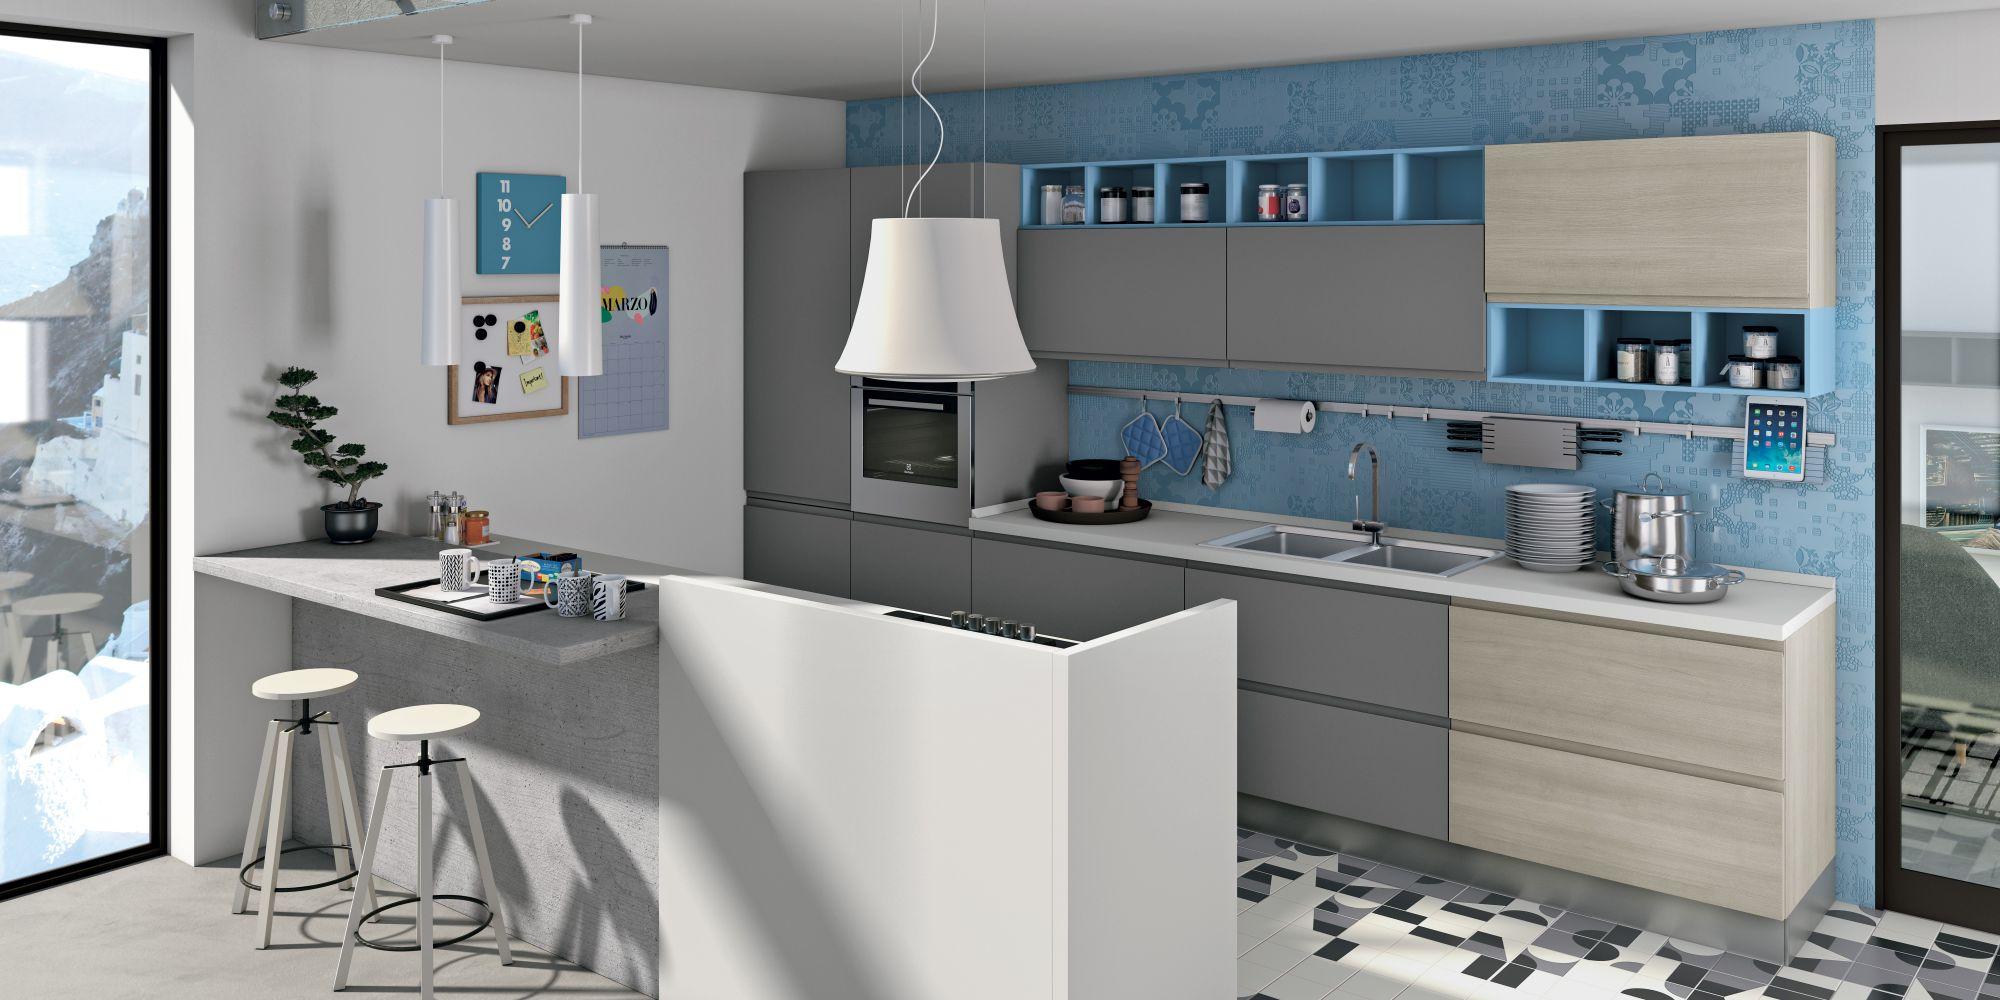 Maniglie X Mobili Da Cucina cucina 'jey' di creo kitchens - stile e design essenziale